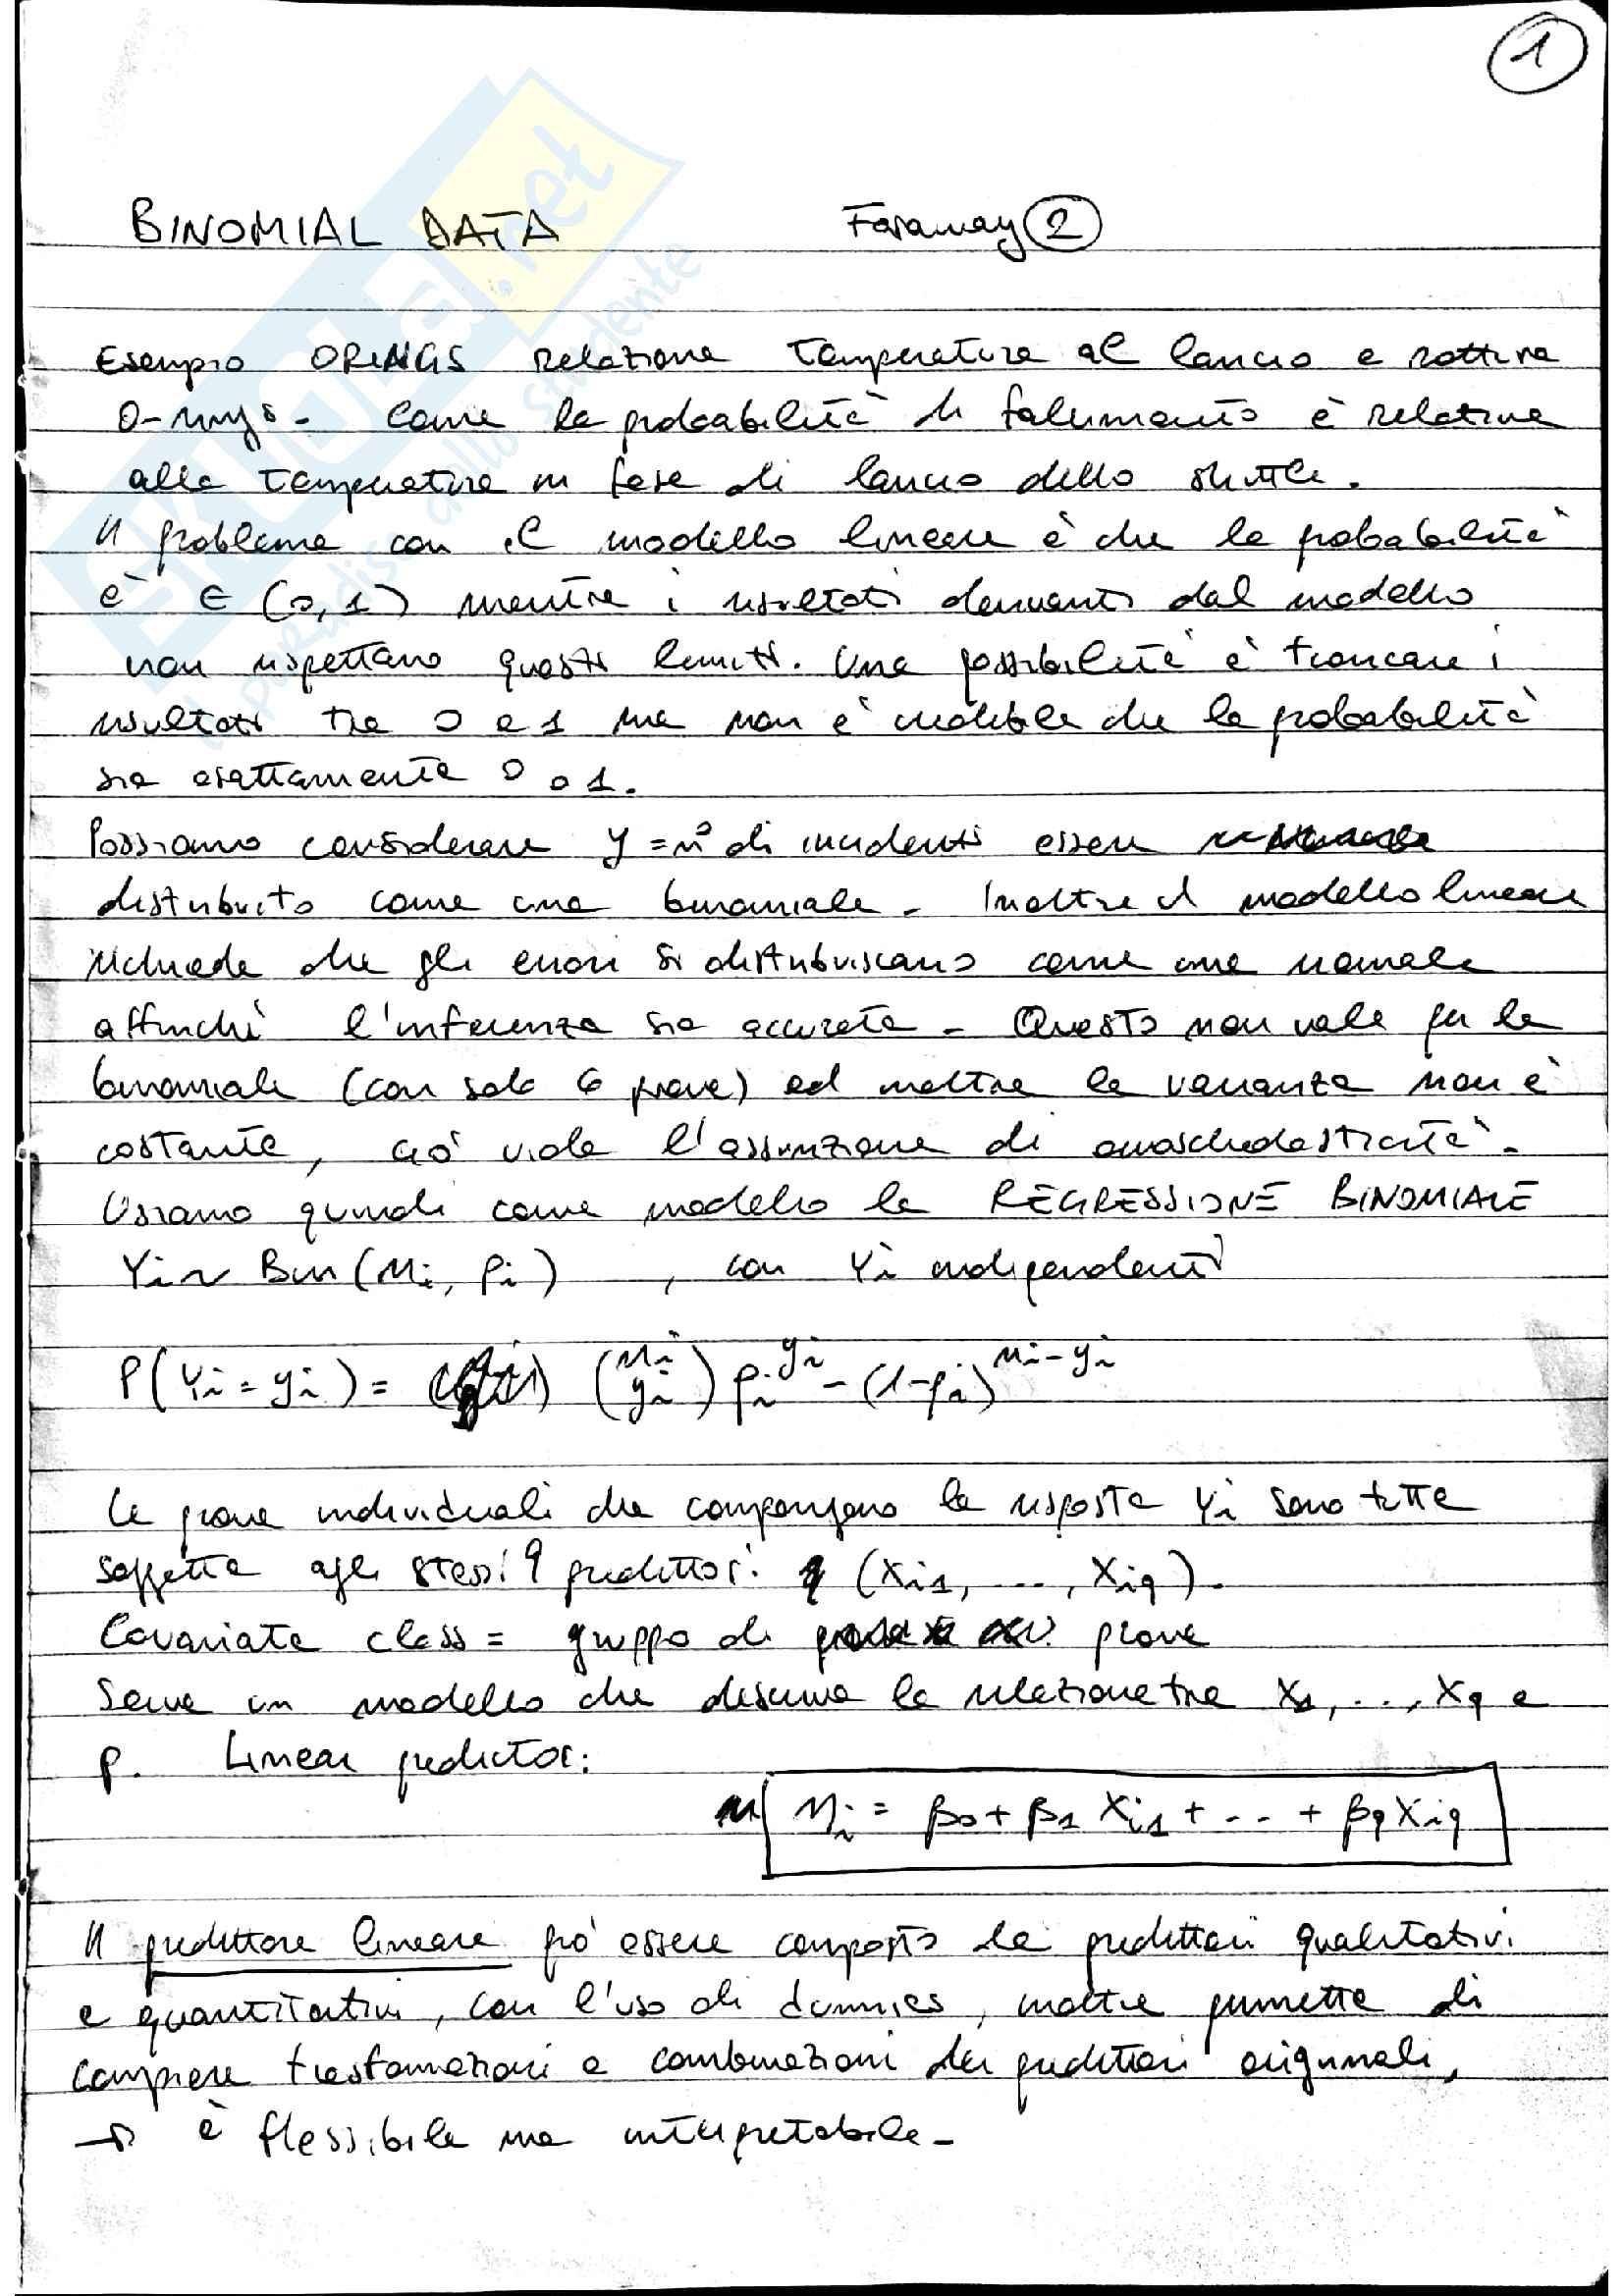 Appunti econometria applicata, prof Trovato